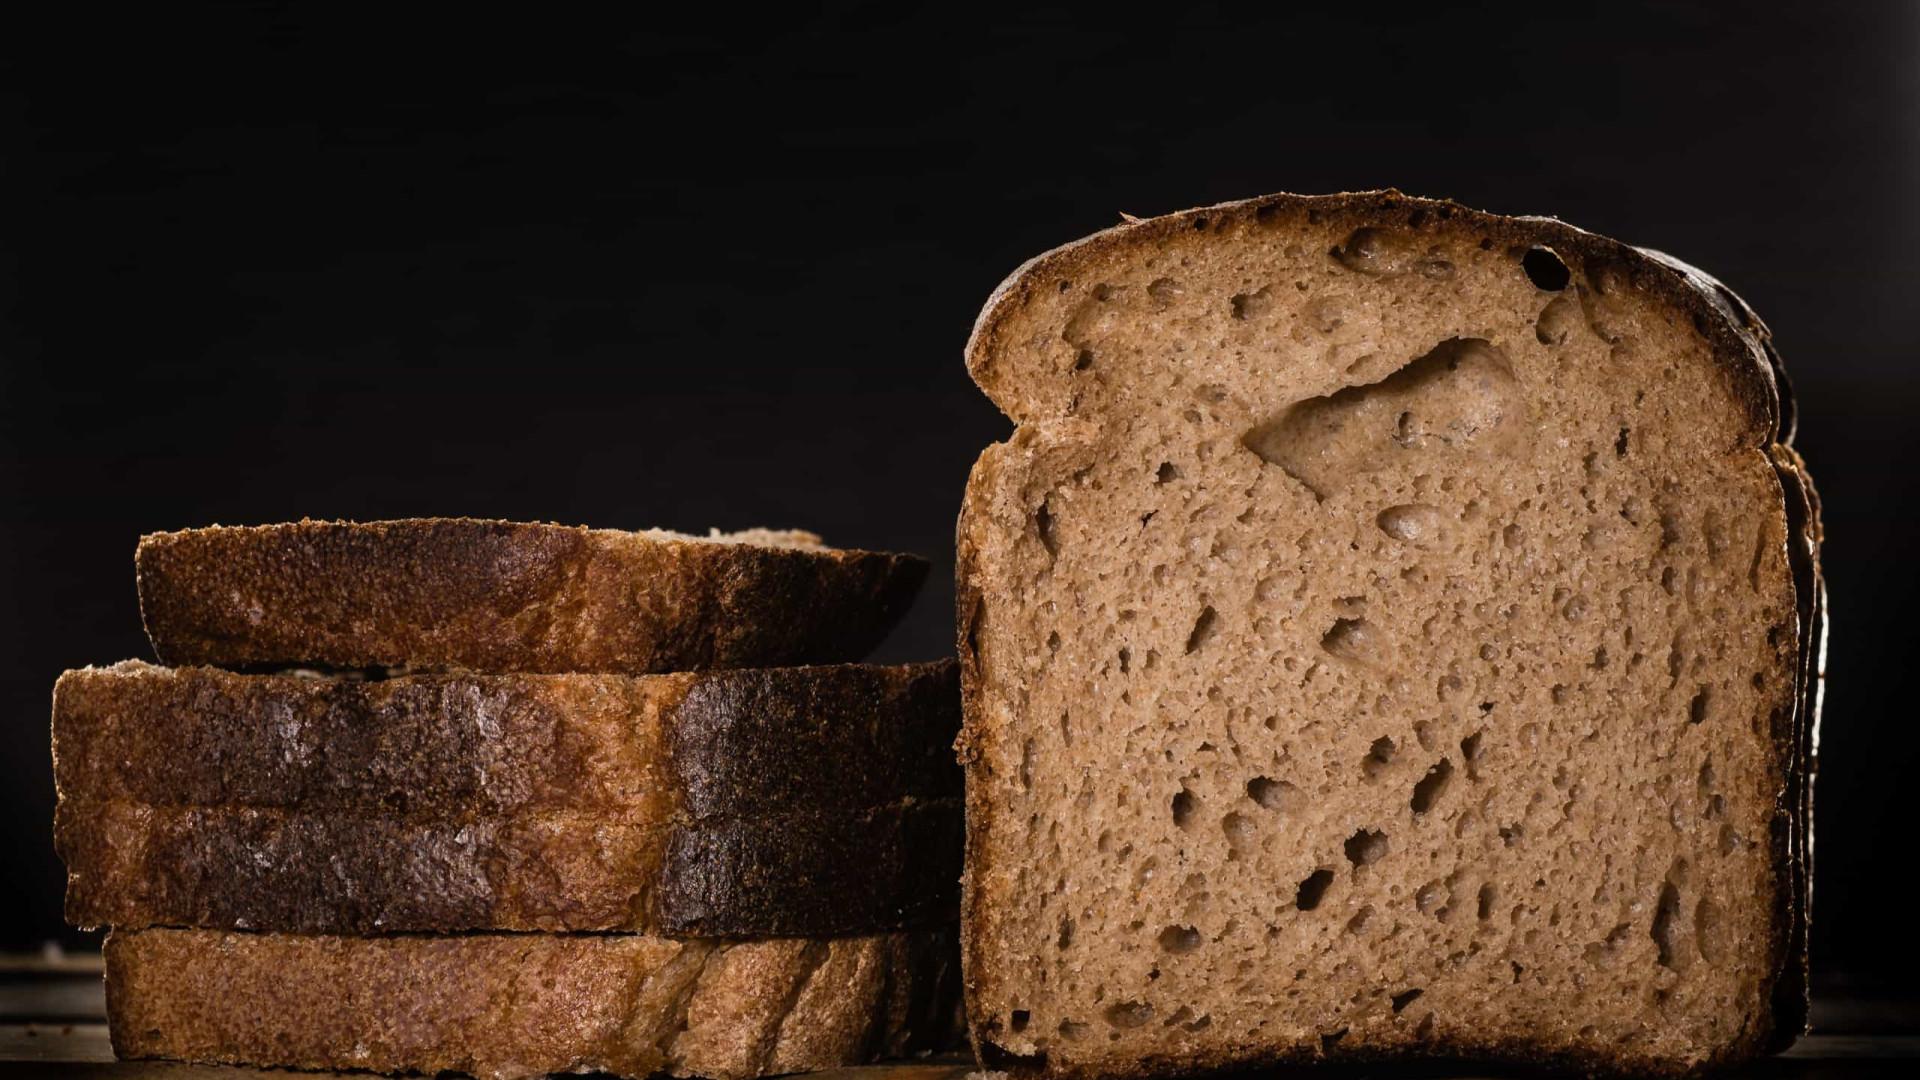 Quatro alimentos saudáveis (mas) que aumentam a fome. Evite!